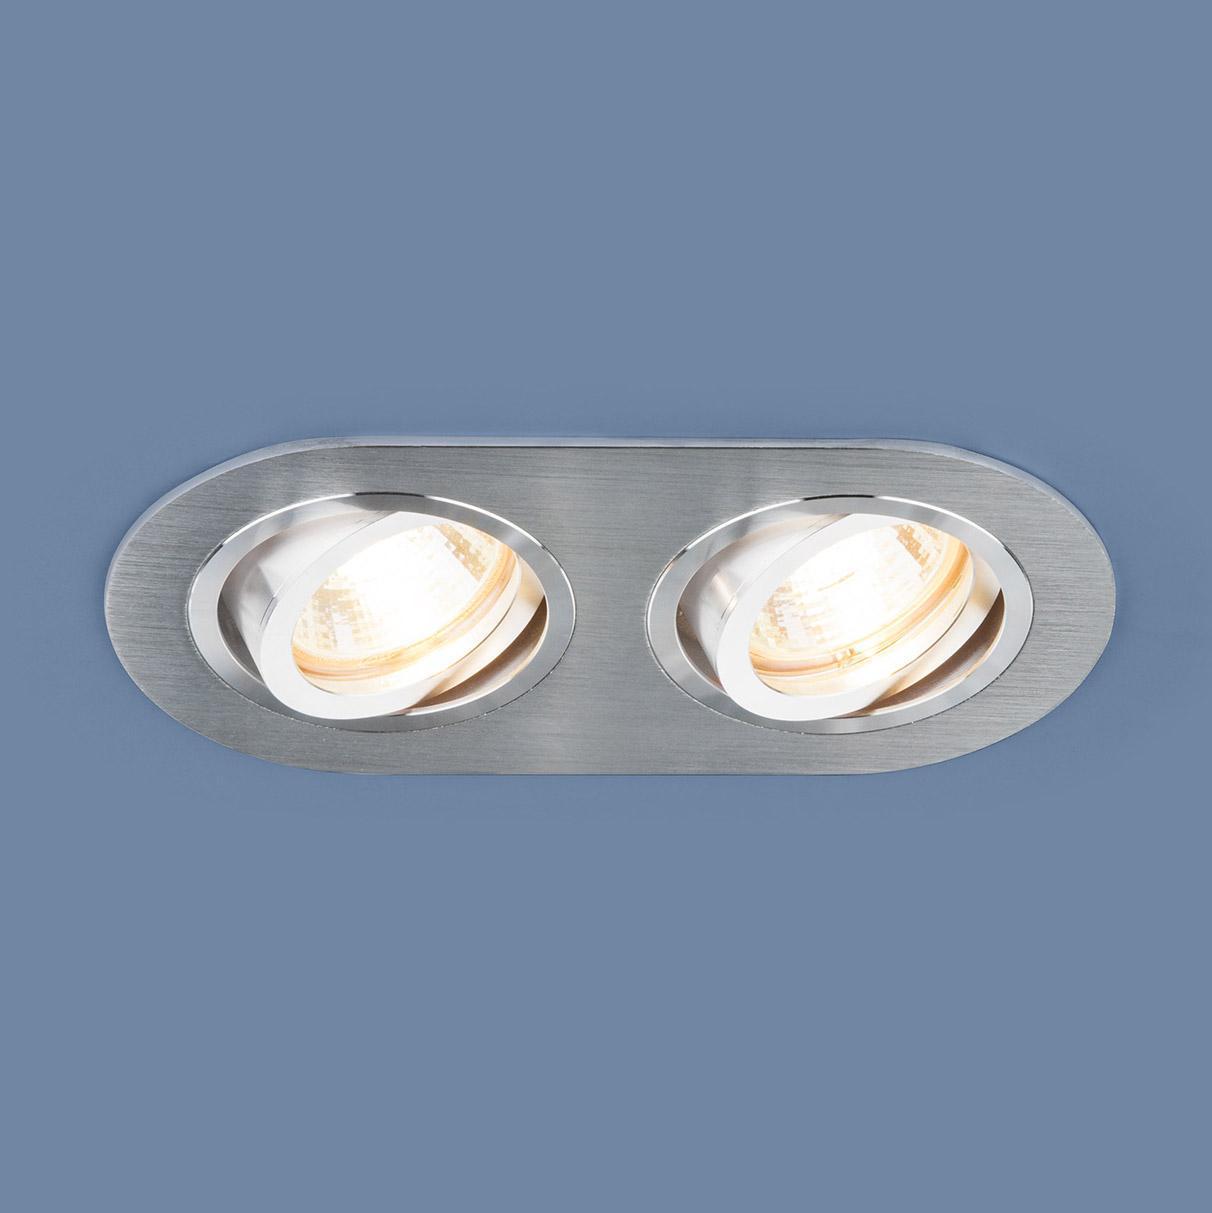 Фото - Встраиваемый светильник Elektrostandard 1061/2 MR16 SL серебро 4690389095504 cветильник галогенный de fran встраиваемый 1х50вт mr16 ip20 зел античное золото